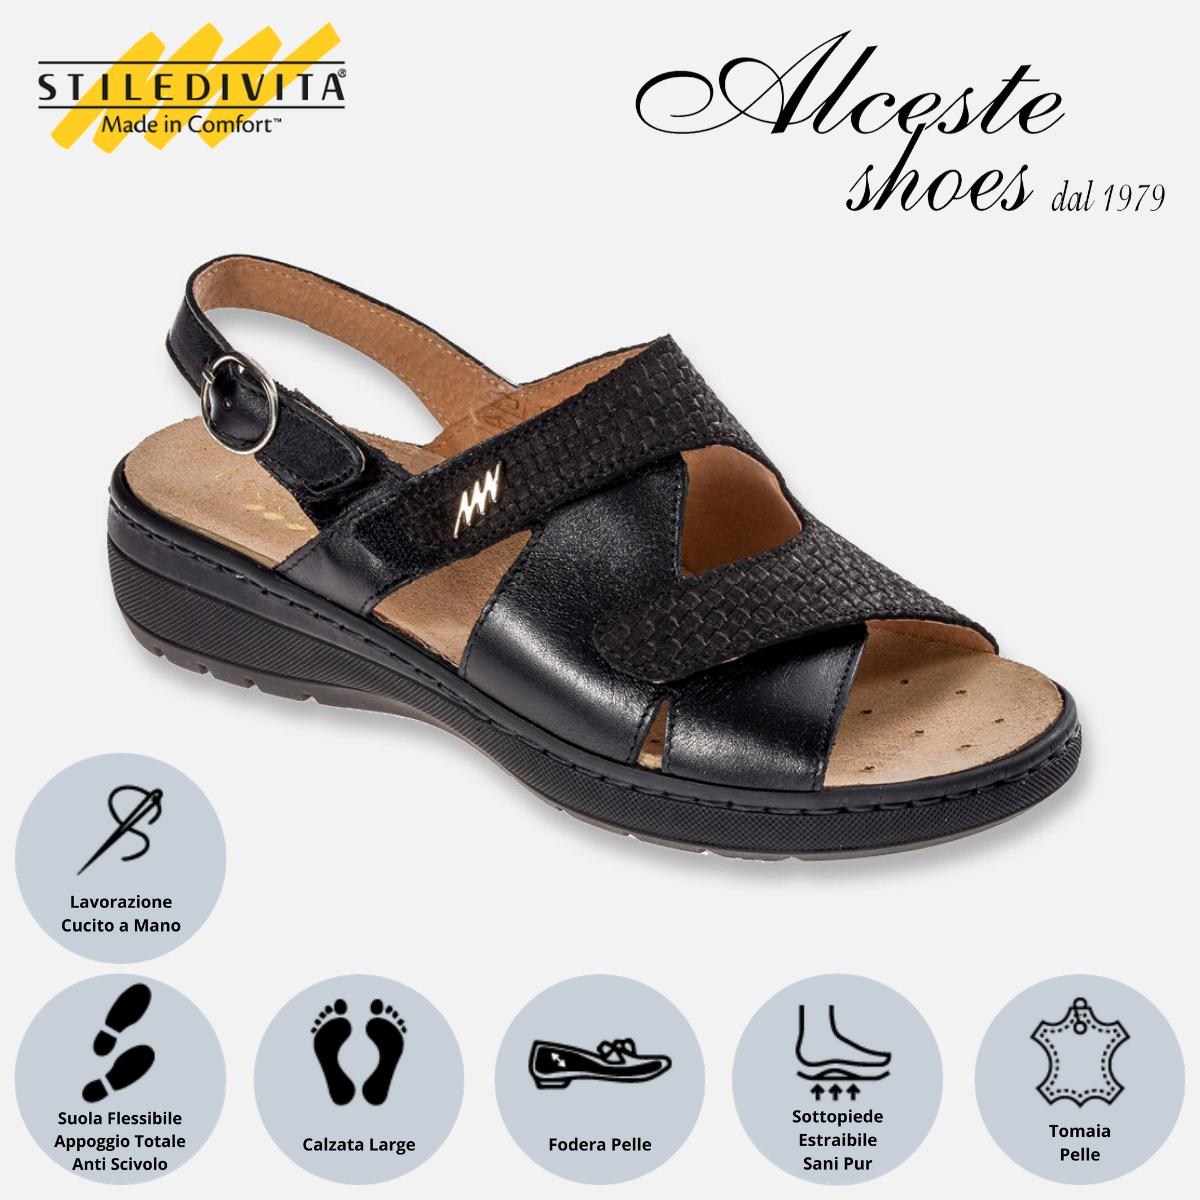 Sandalo con Strappi Stiledivita Art. 8195 Vernice e Camoscio Stampato Nero Alceste Shoes 8195 Nero